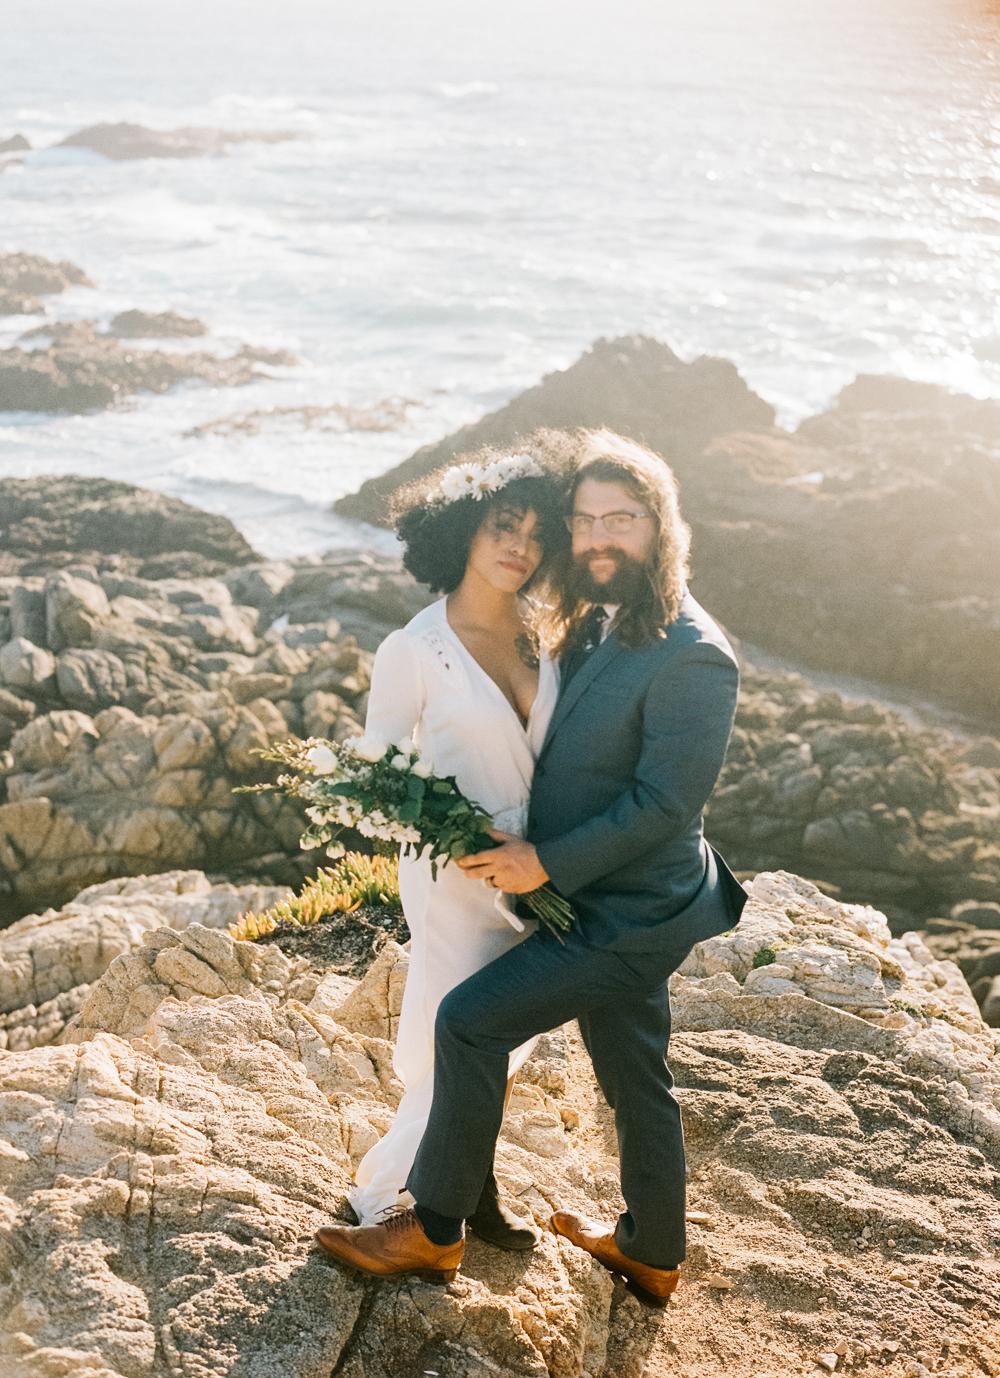 carmel by the sea wedding venues-10.jpg